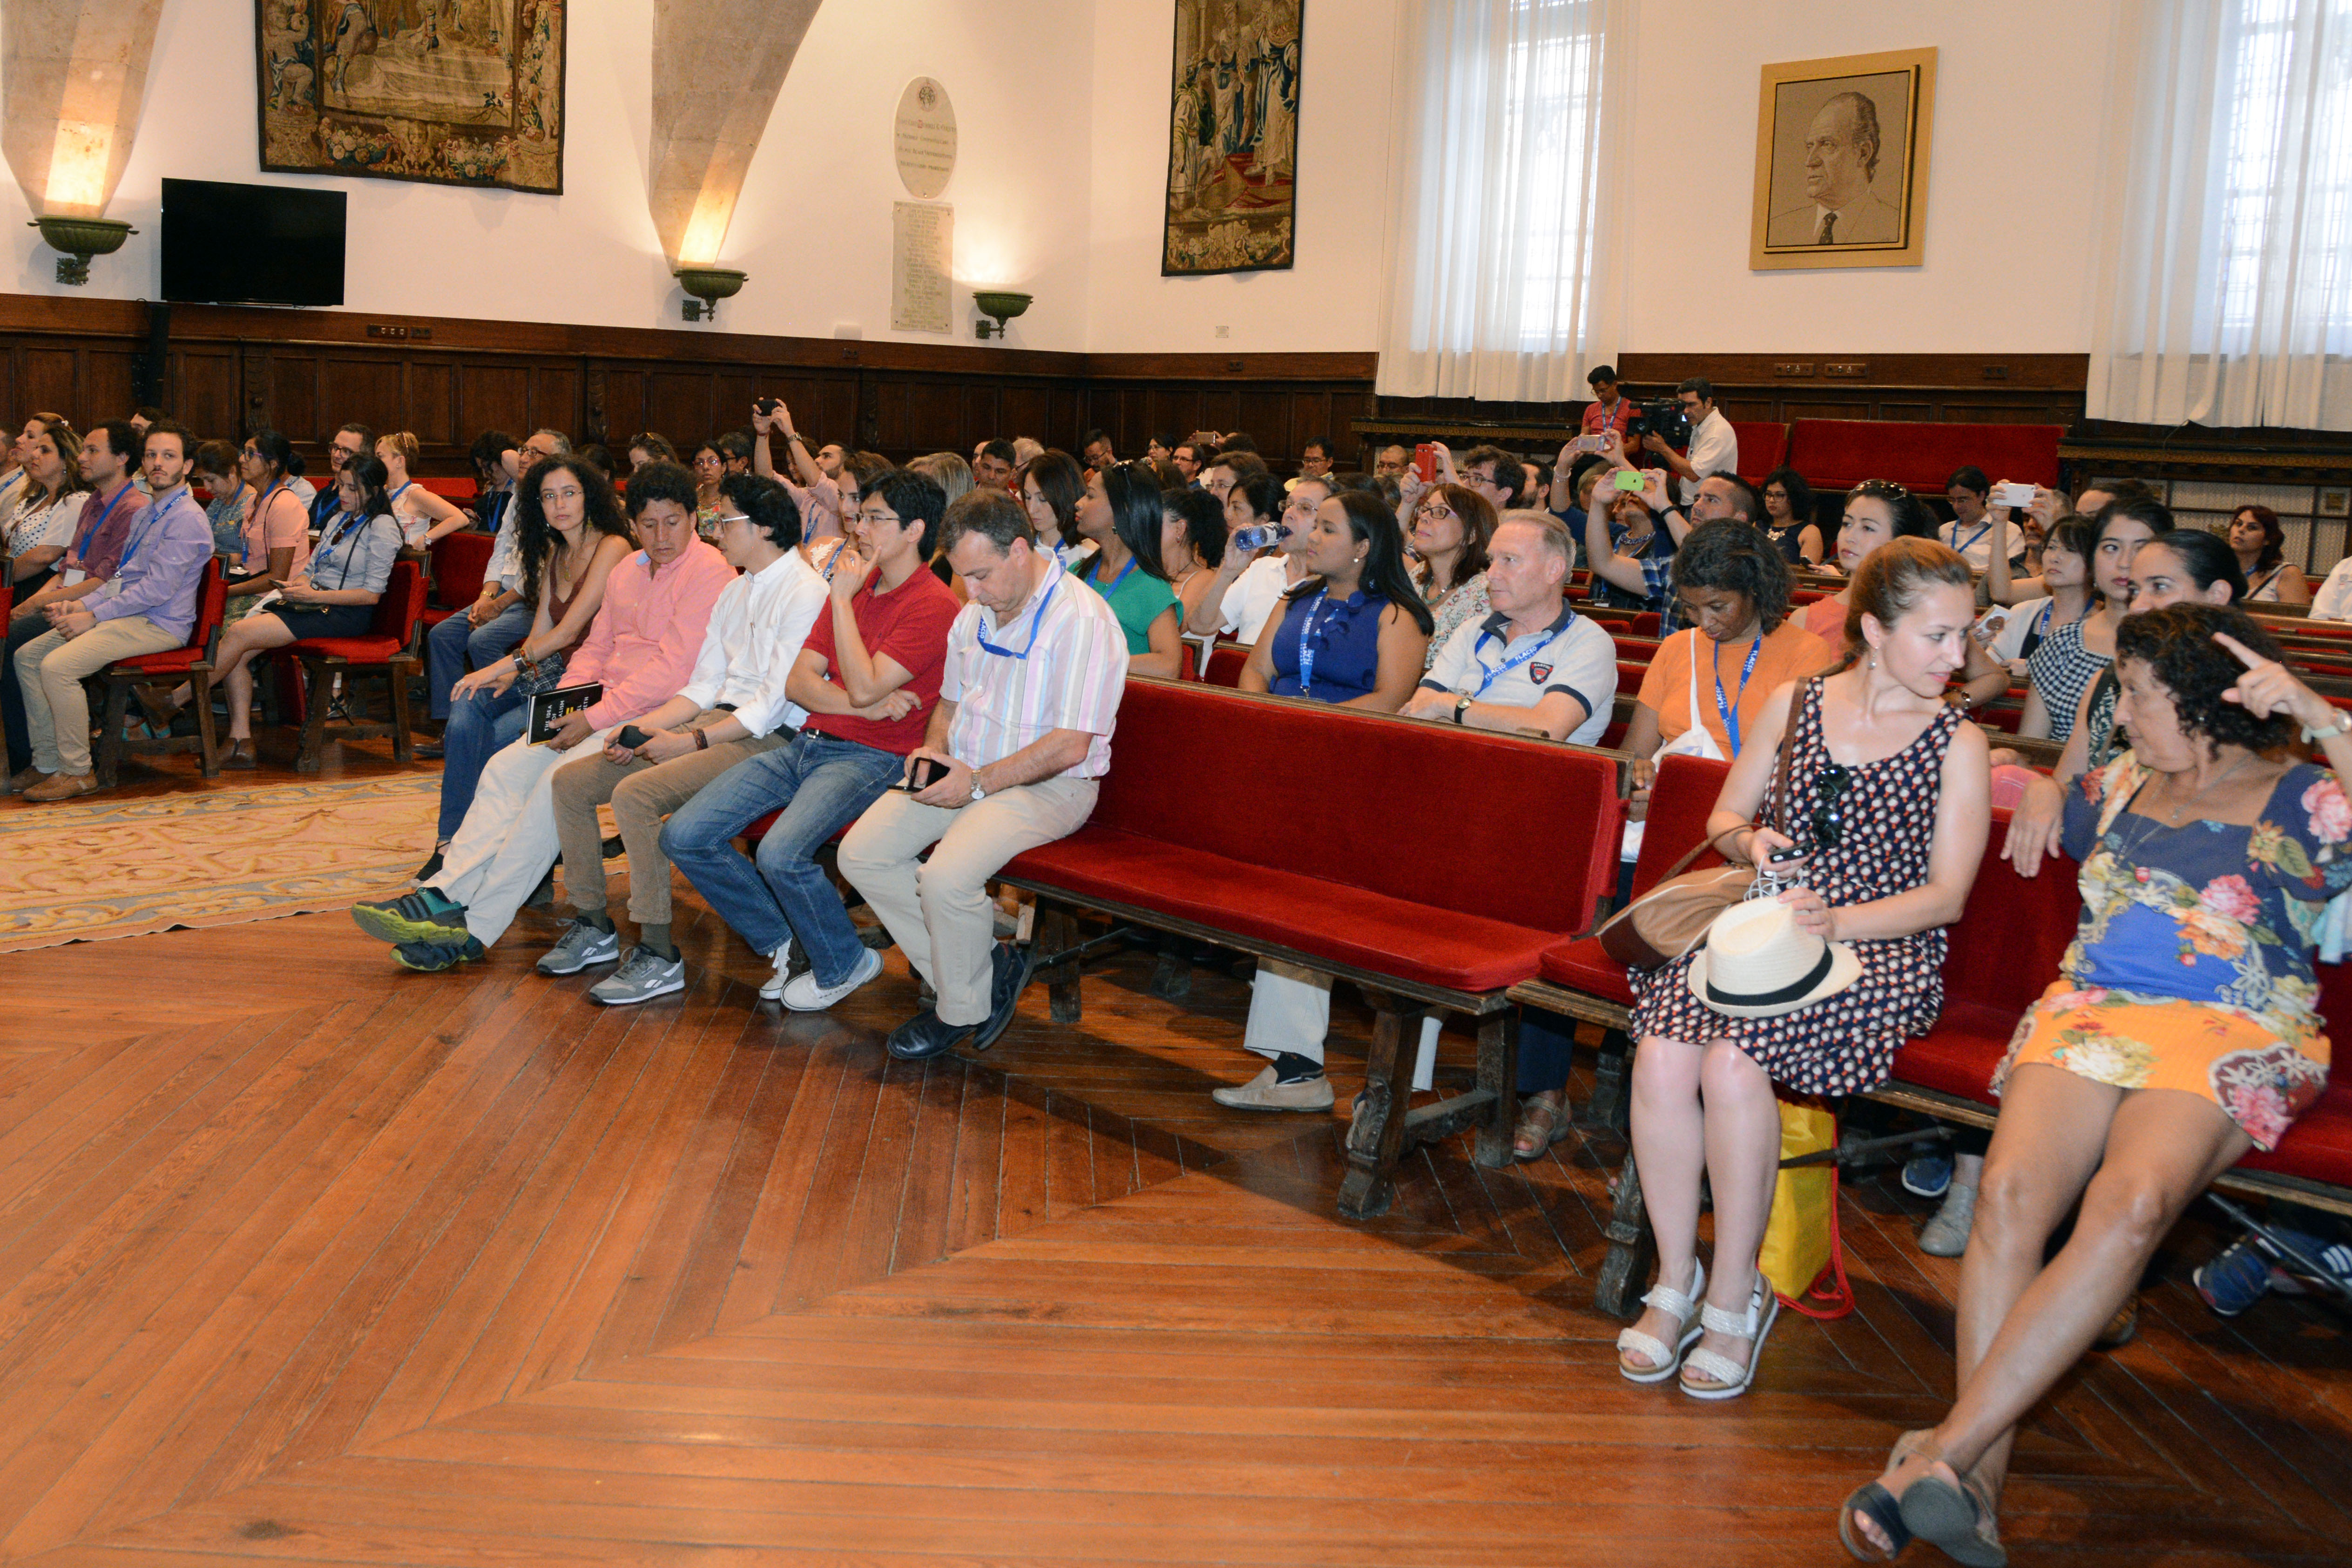 El vicerrector para la Conmemoración para el VIII Centenario inaugura el IV Congreso Latinoamericano y Caribeño de Ciencias Sociales organizado por FLACSO España